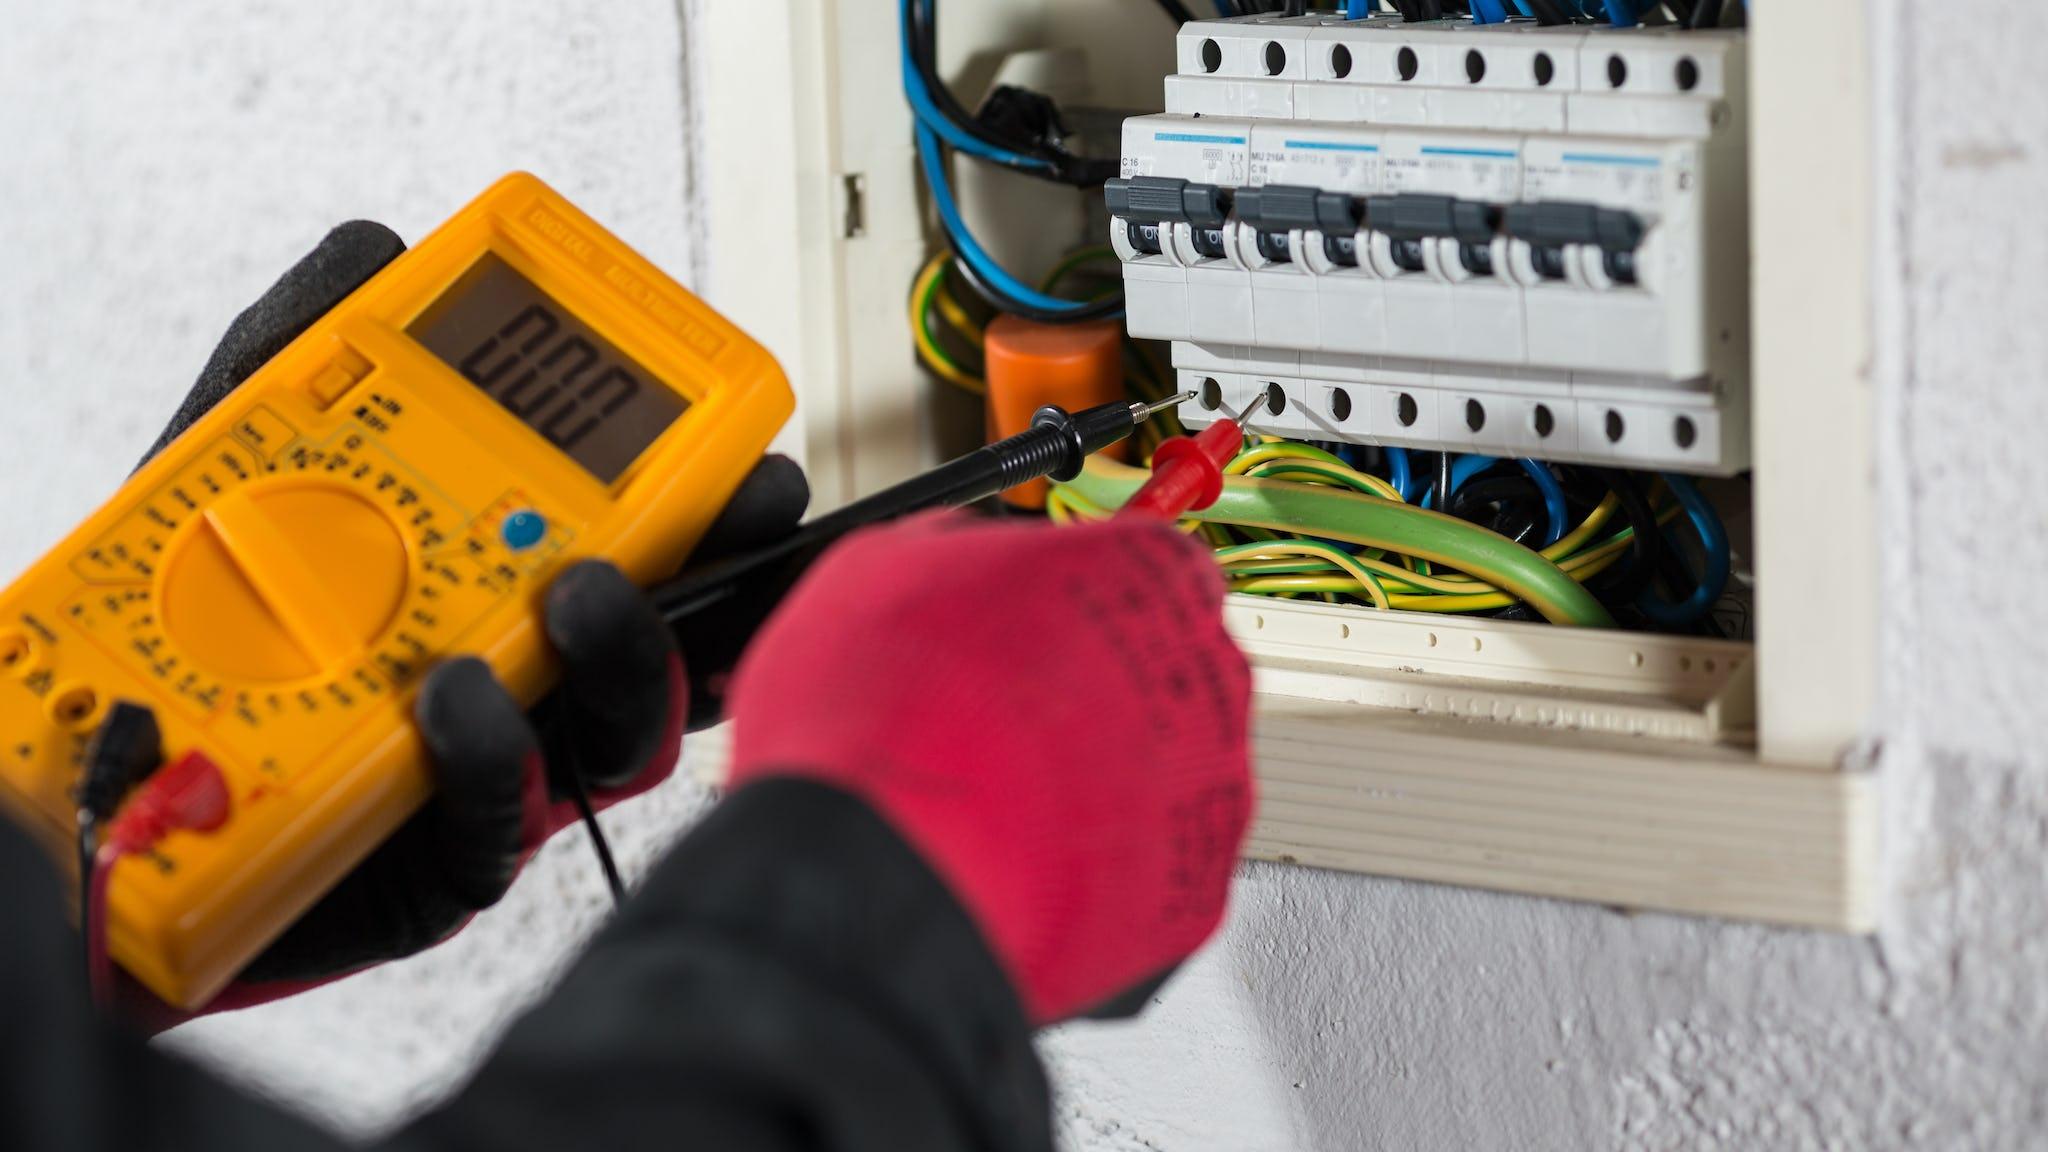 Händer som mäter spänningen i ett väggskåp.